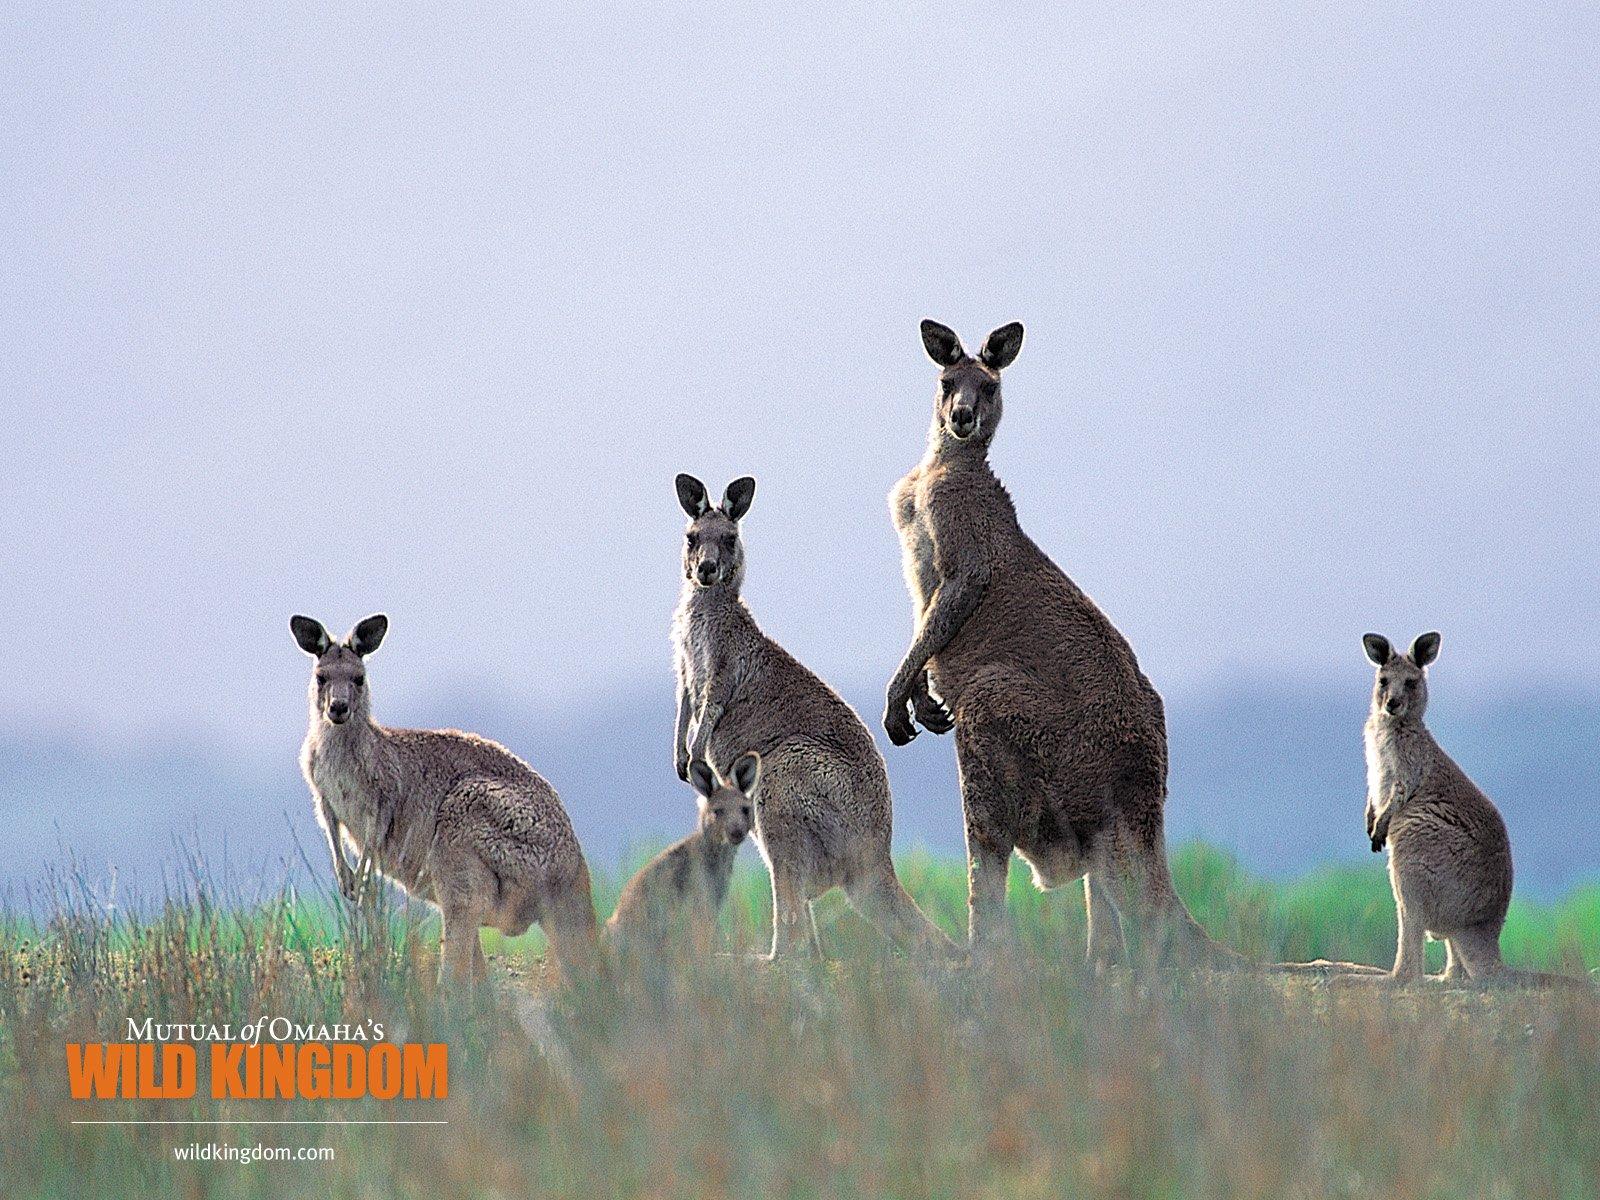 壁纸/kangaroos 袋鼠桌面壁纸